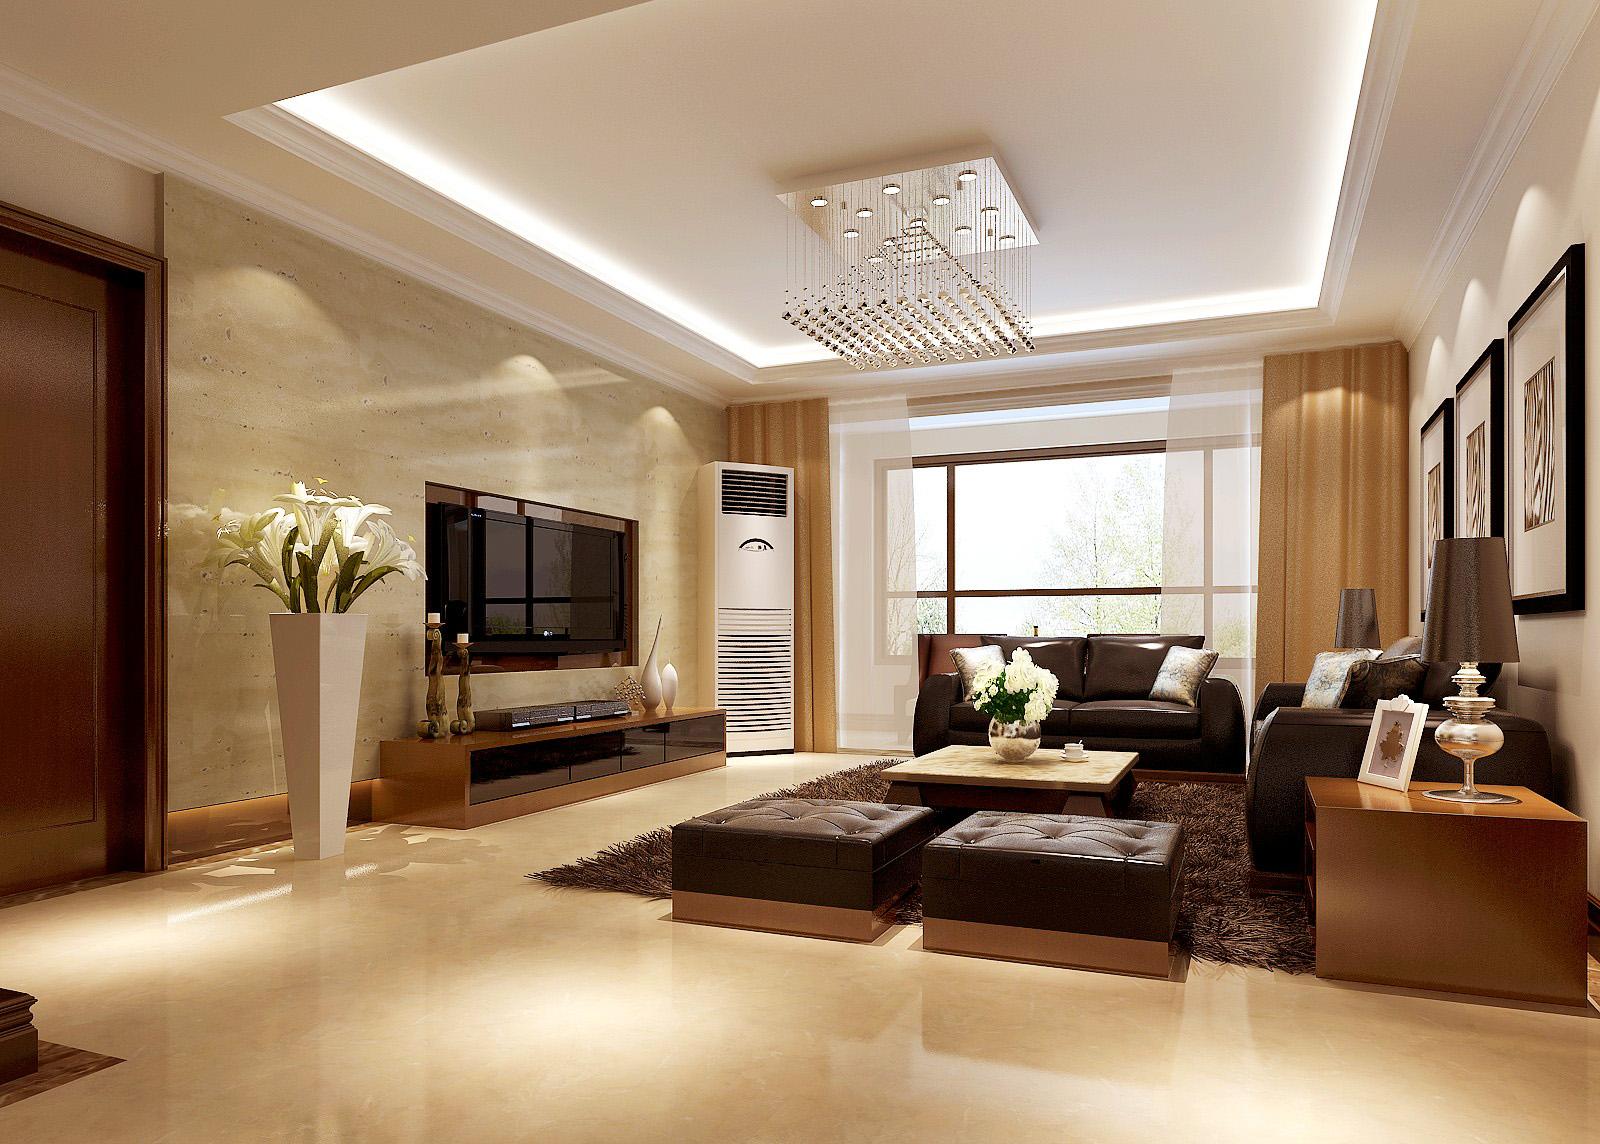 简约 欧式 公寓 高度国际 高富帅 客厅图片来自重庆高度国际装饰工程有限公司在香悦四季-简欧风格的分享